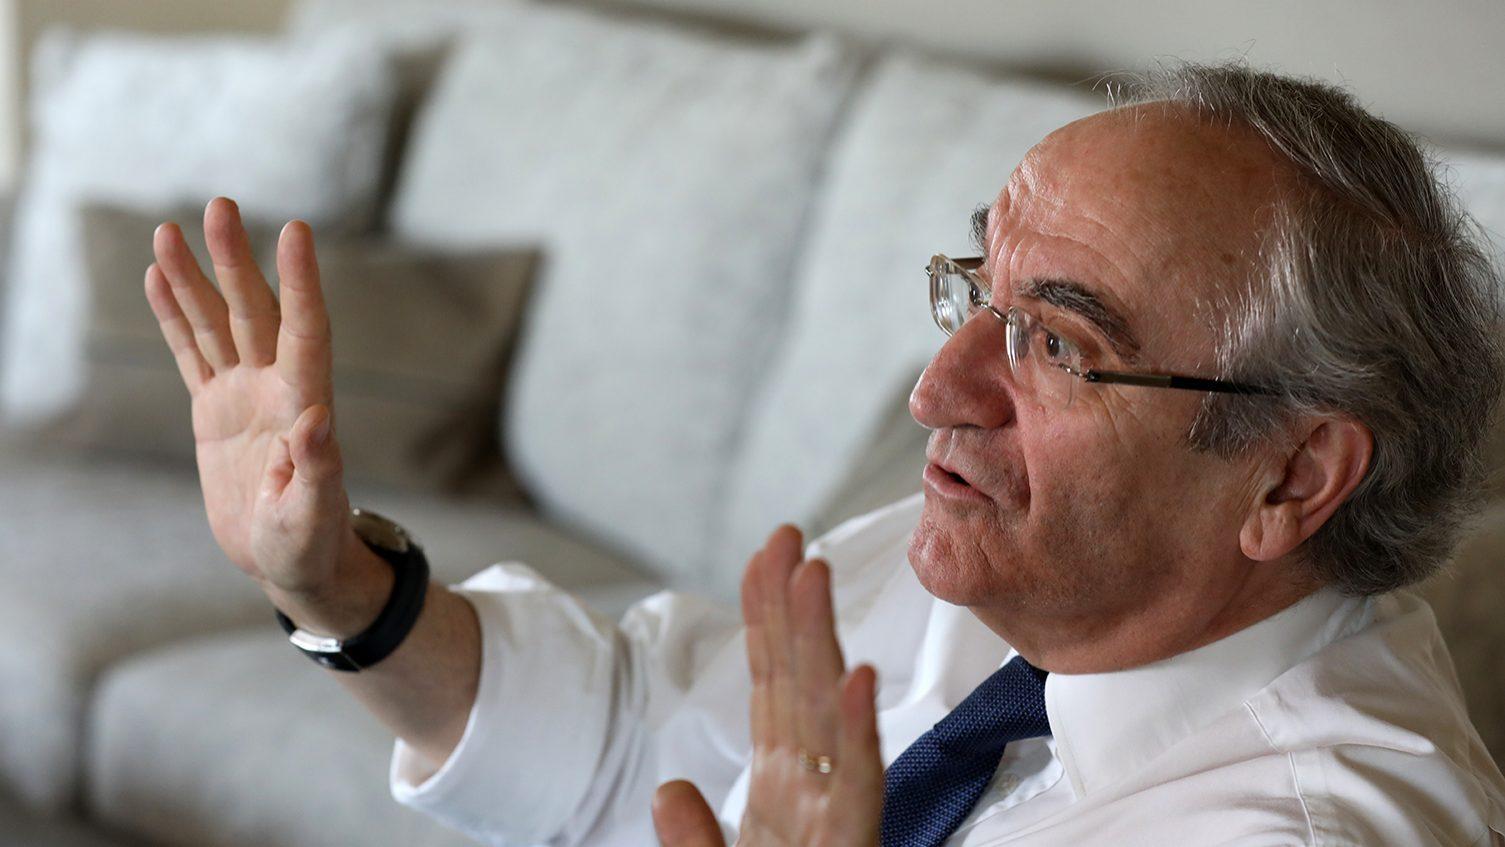 """Proposta de taxas de IVA diferenciadas na luz permite """"ganhar tempo"""", diz Bagão Félix"""